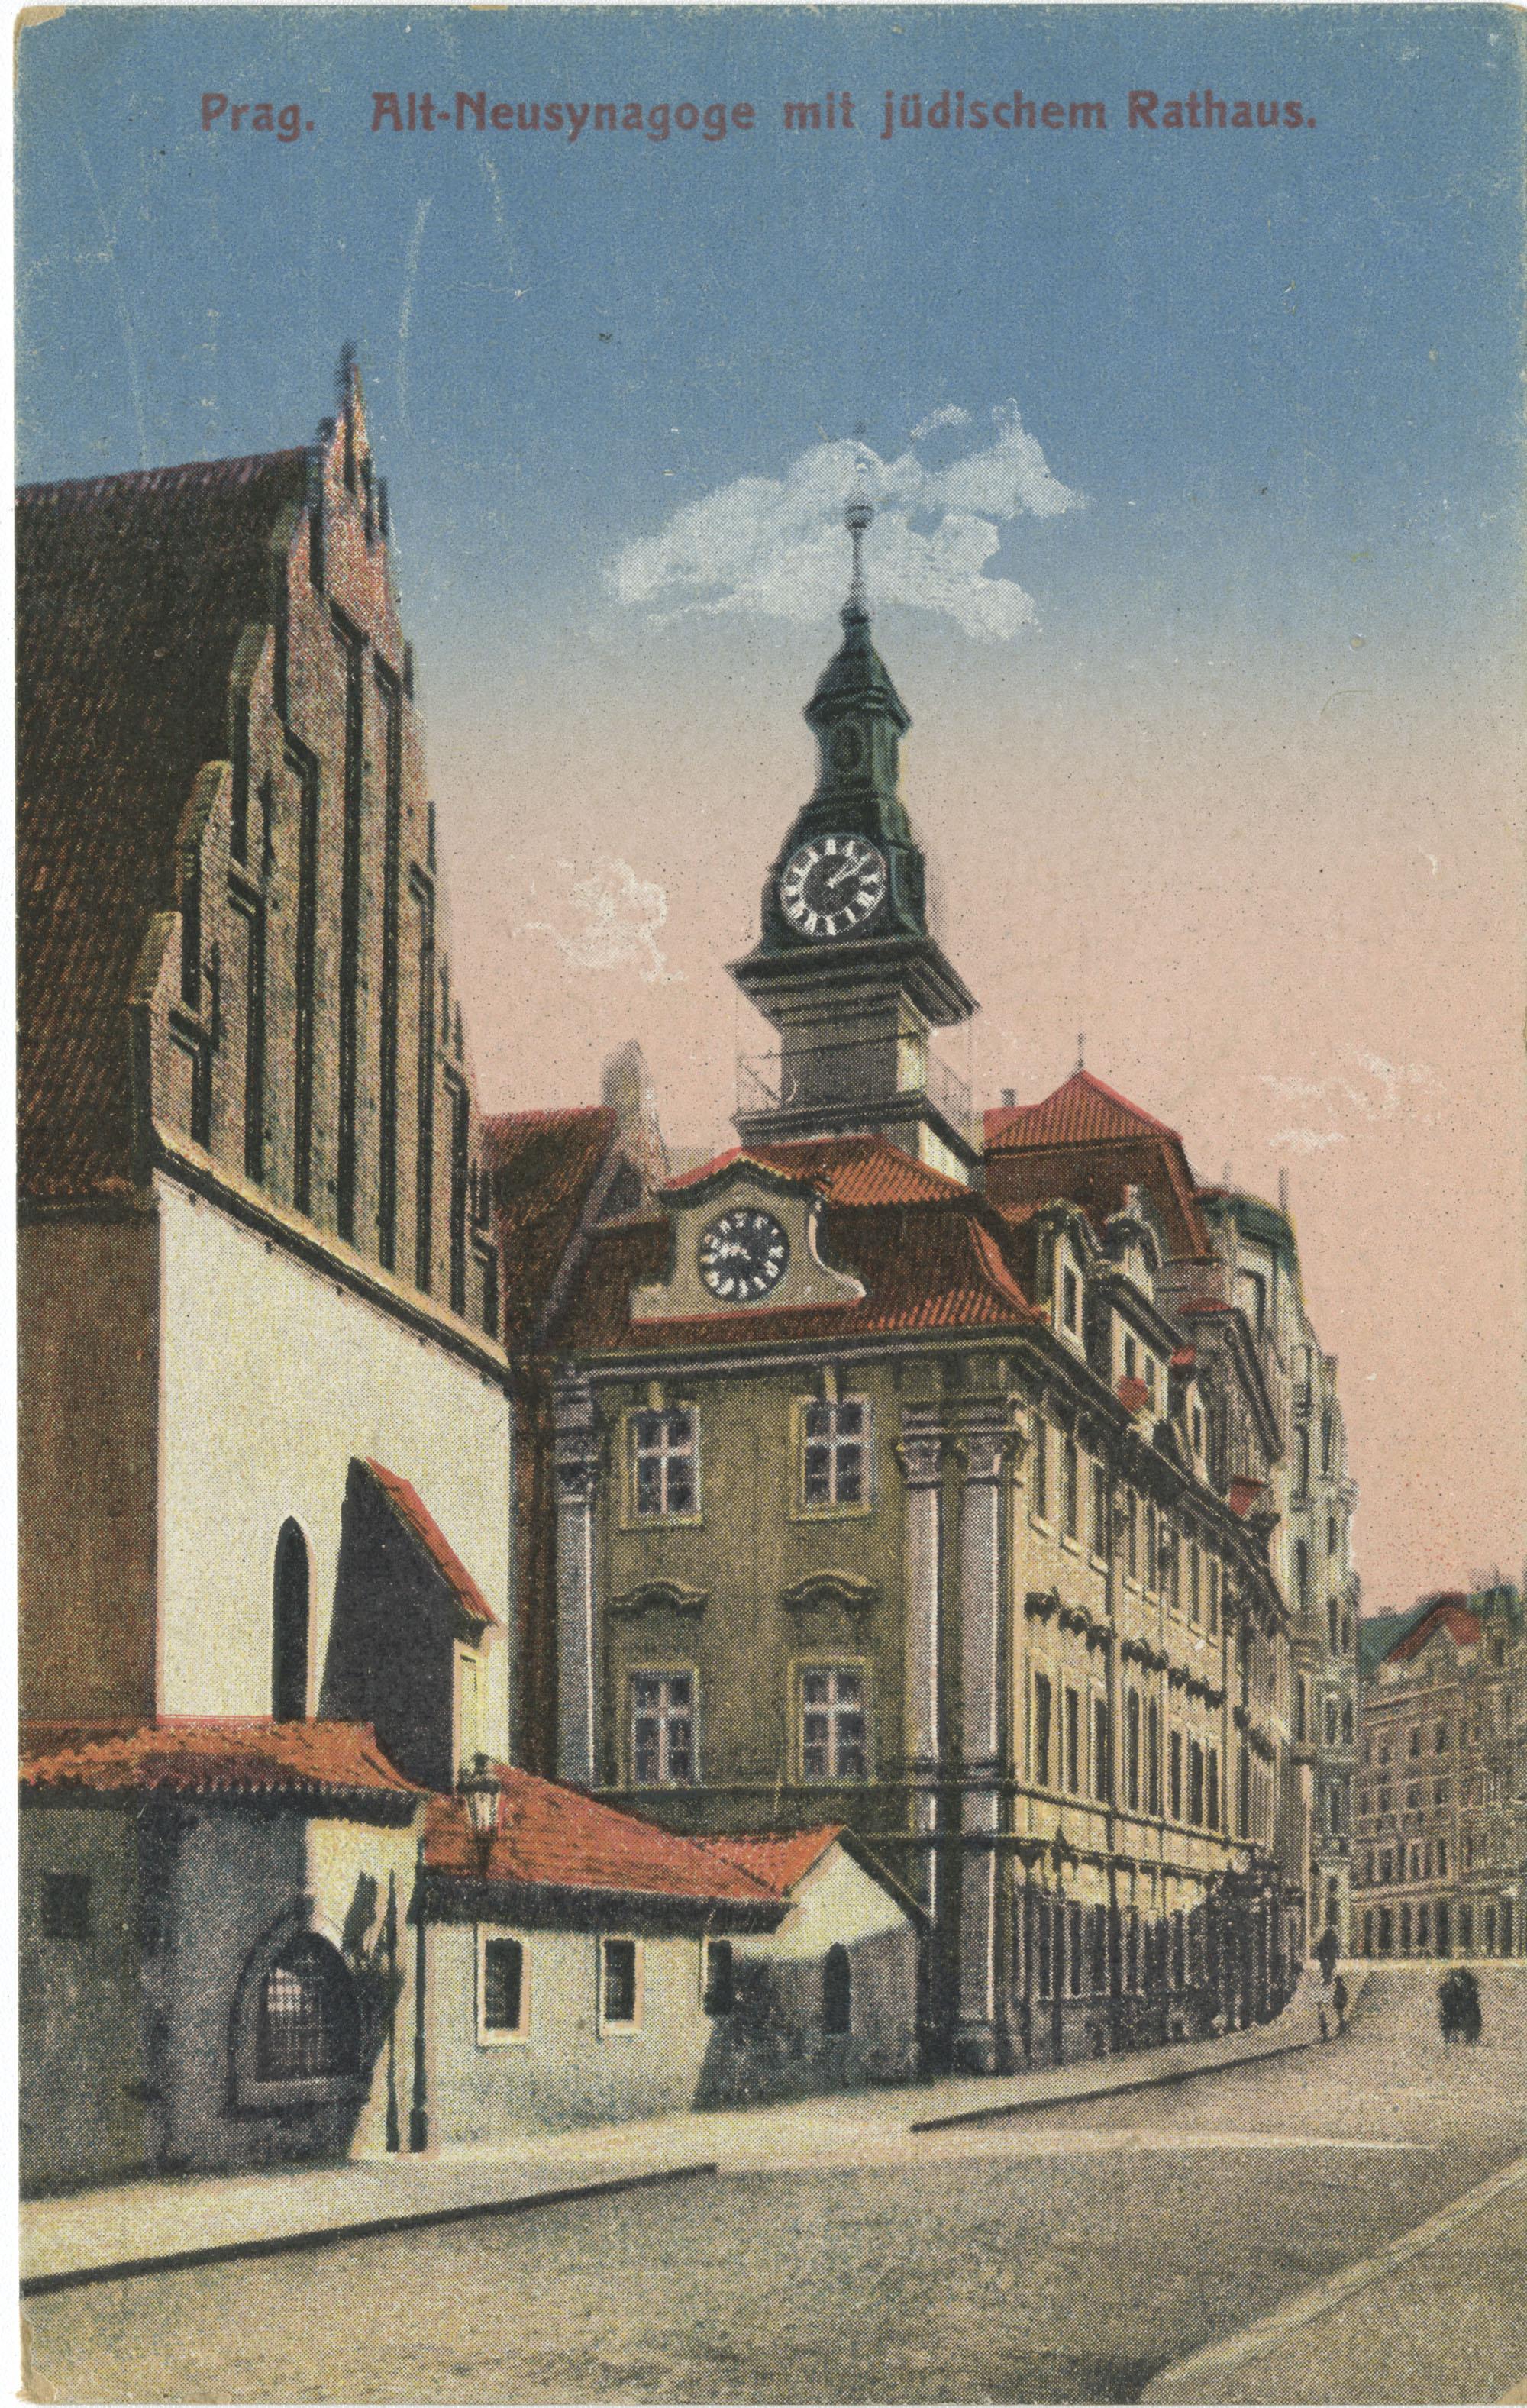 Prag. Alt-Neusynagoge mit jüdischem Rathaus.